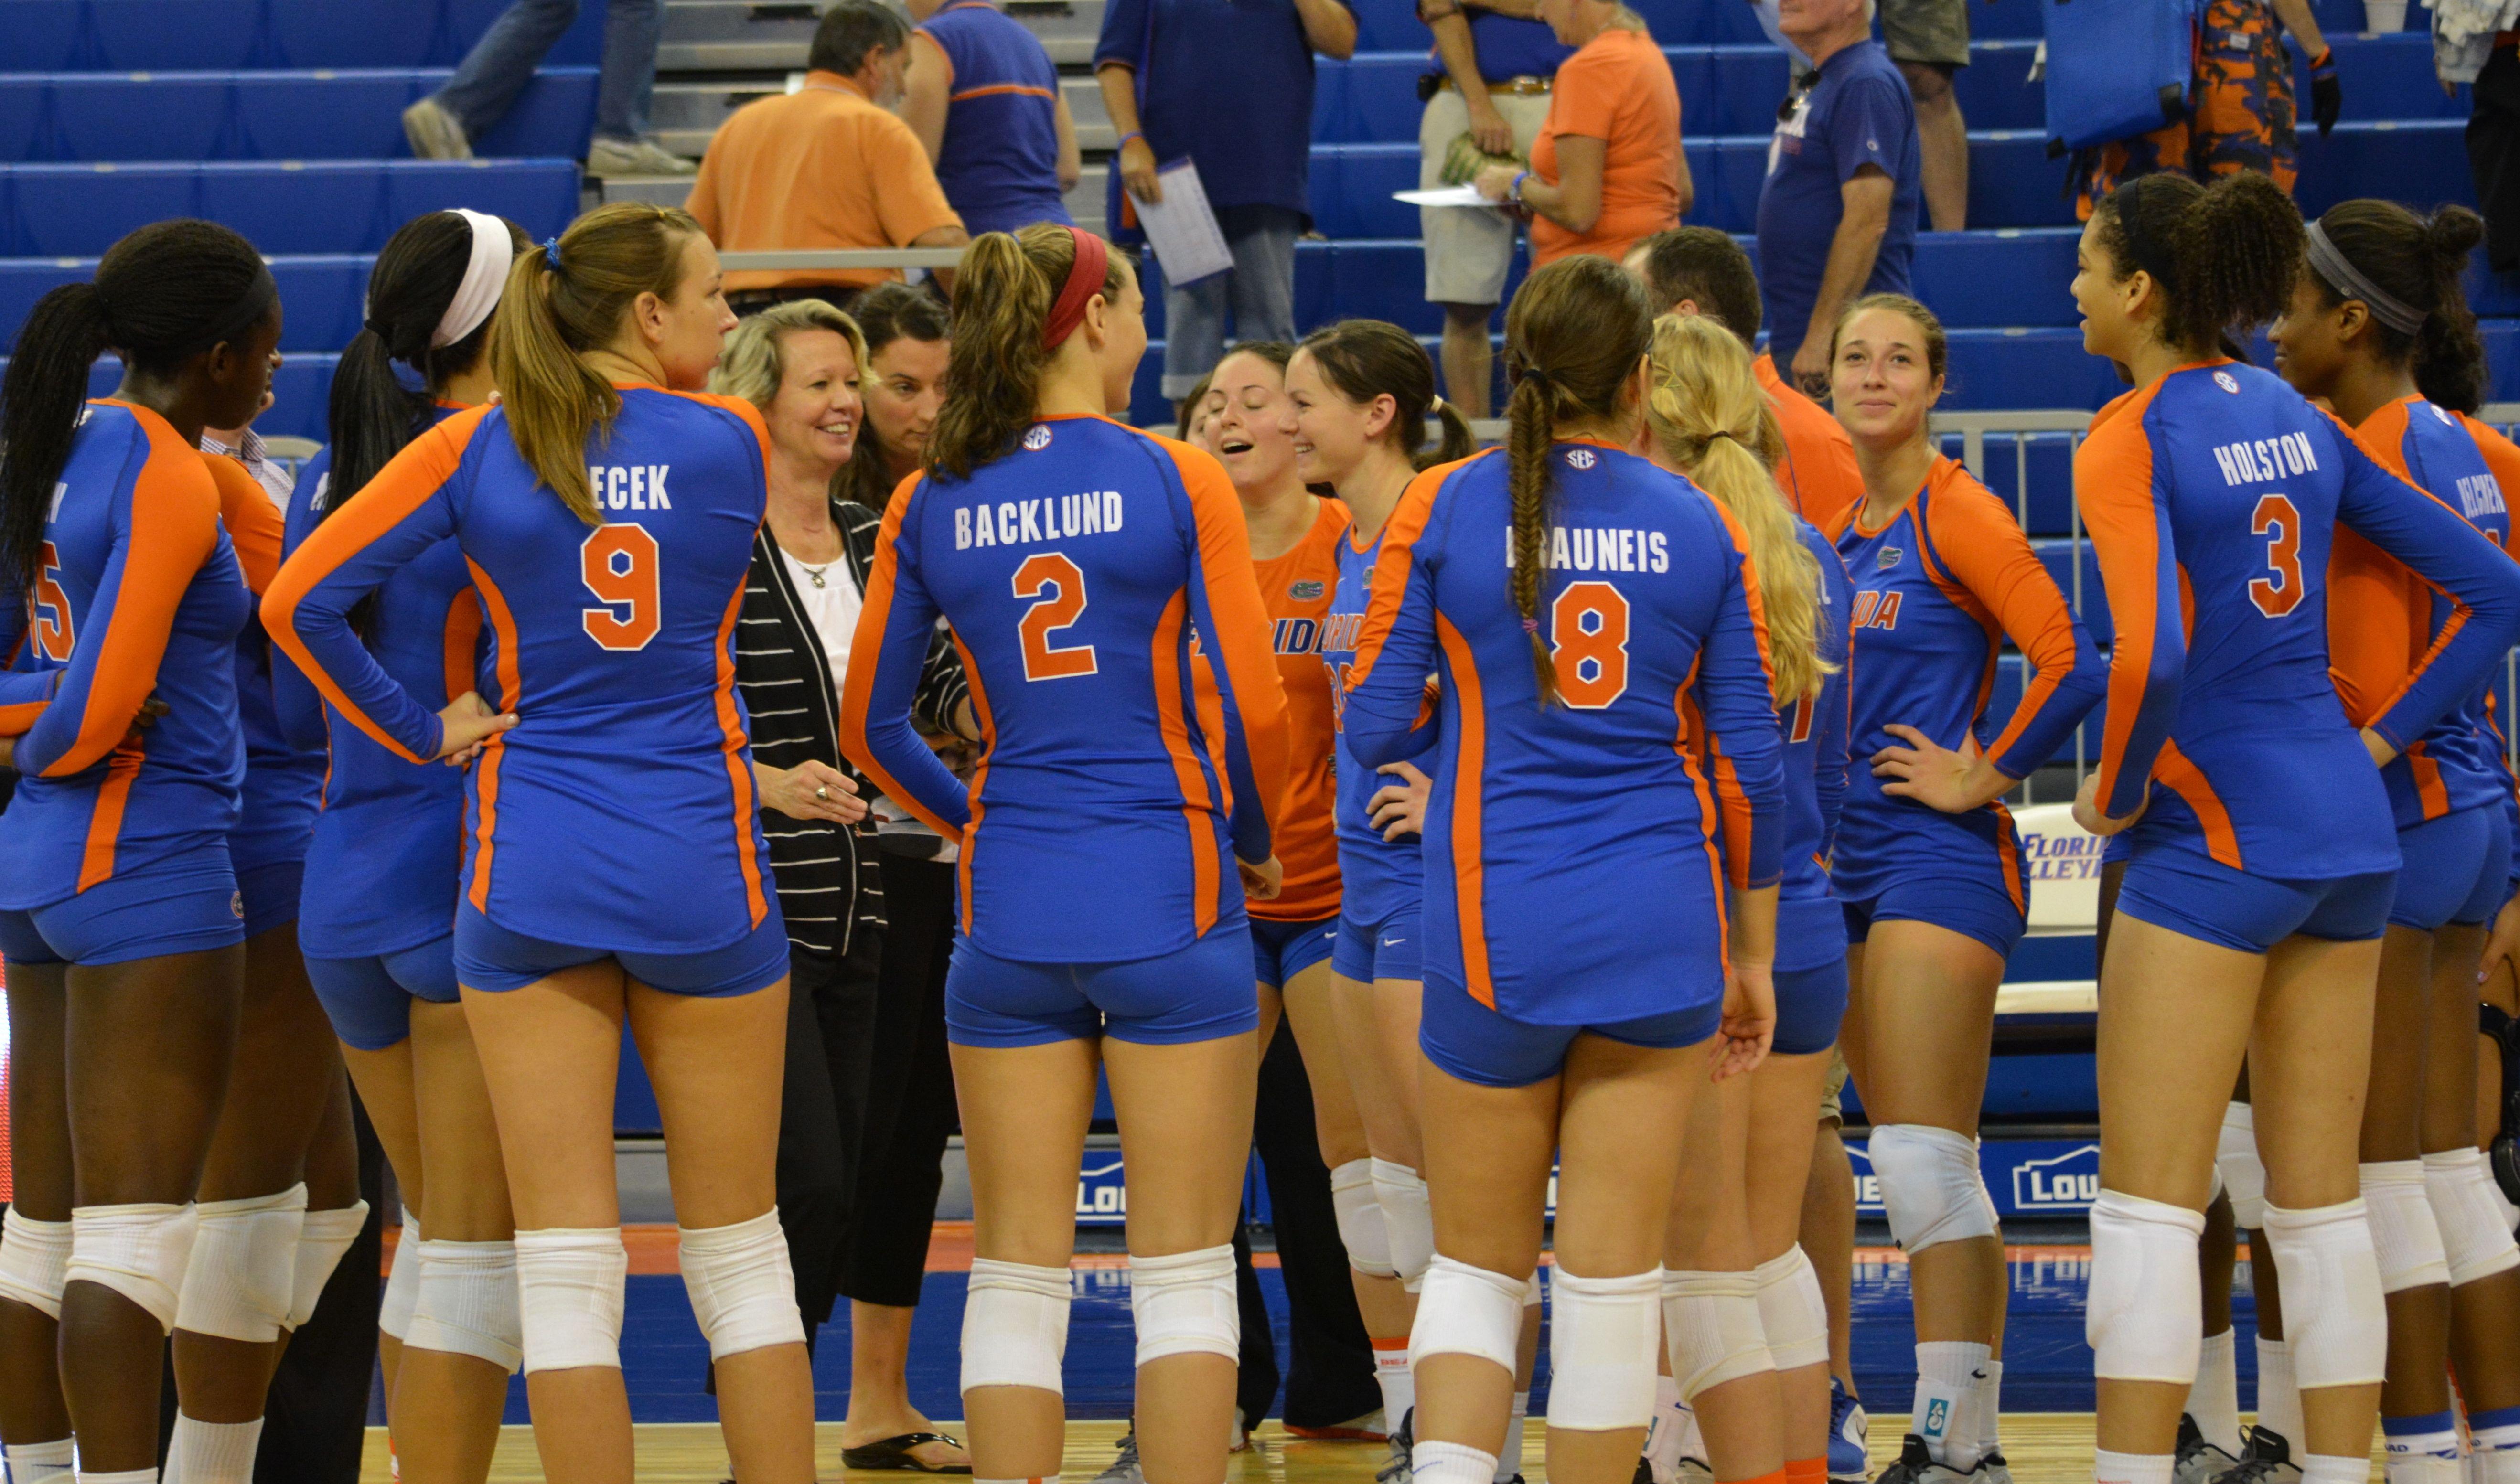 Gator Volleyball sweeps Lady Vols - ESPN 98.1 FM - 850 AM WRUF